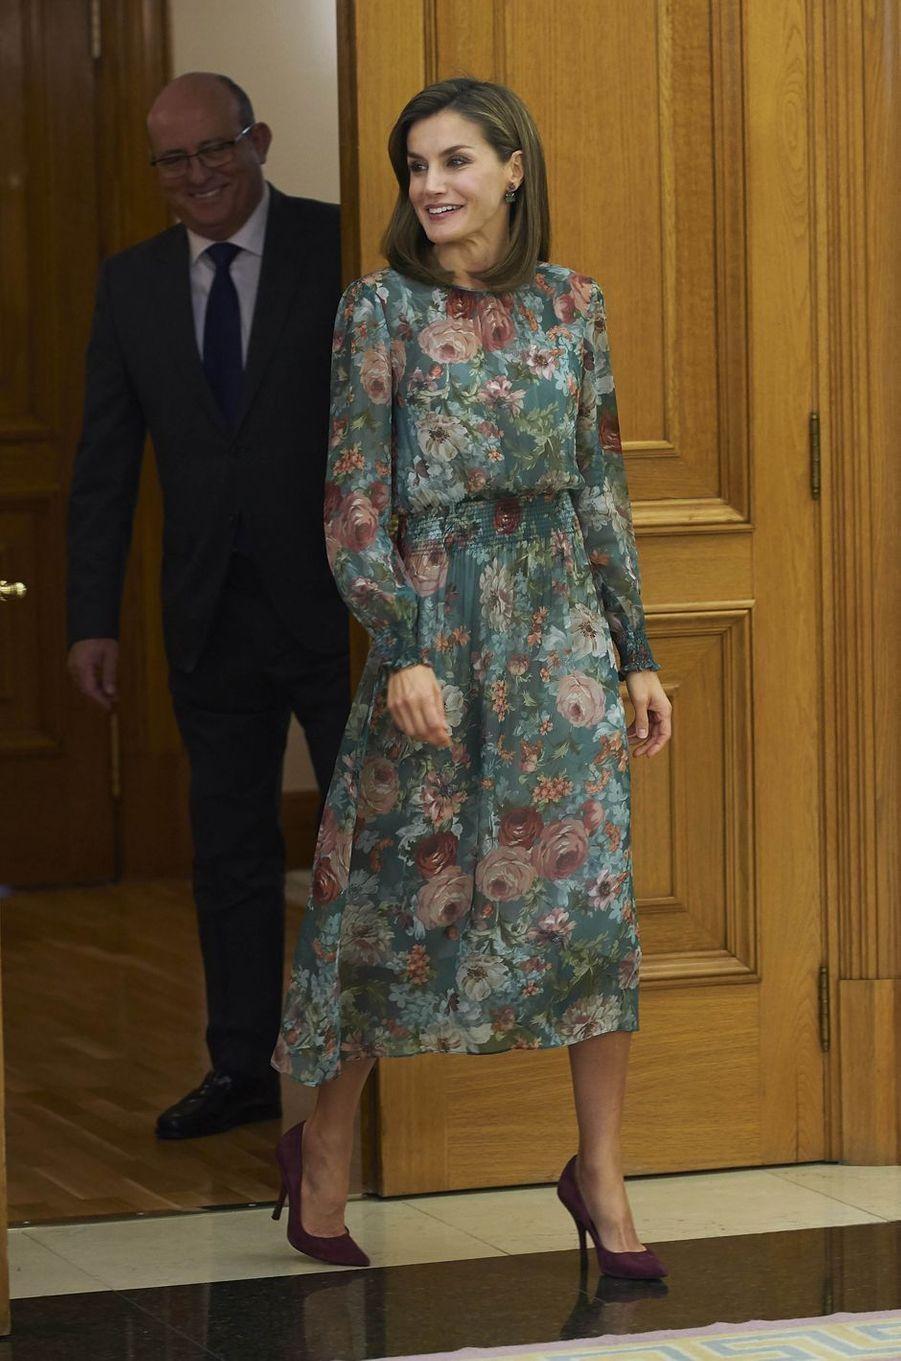 La reine Letizia d'Espagne dans une robe florale Zara à Madrid, le 17 octobre 2017